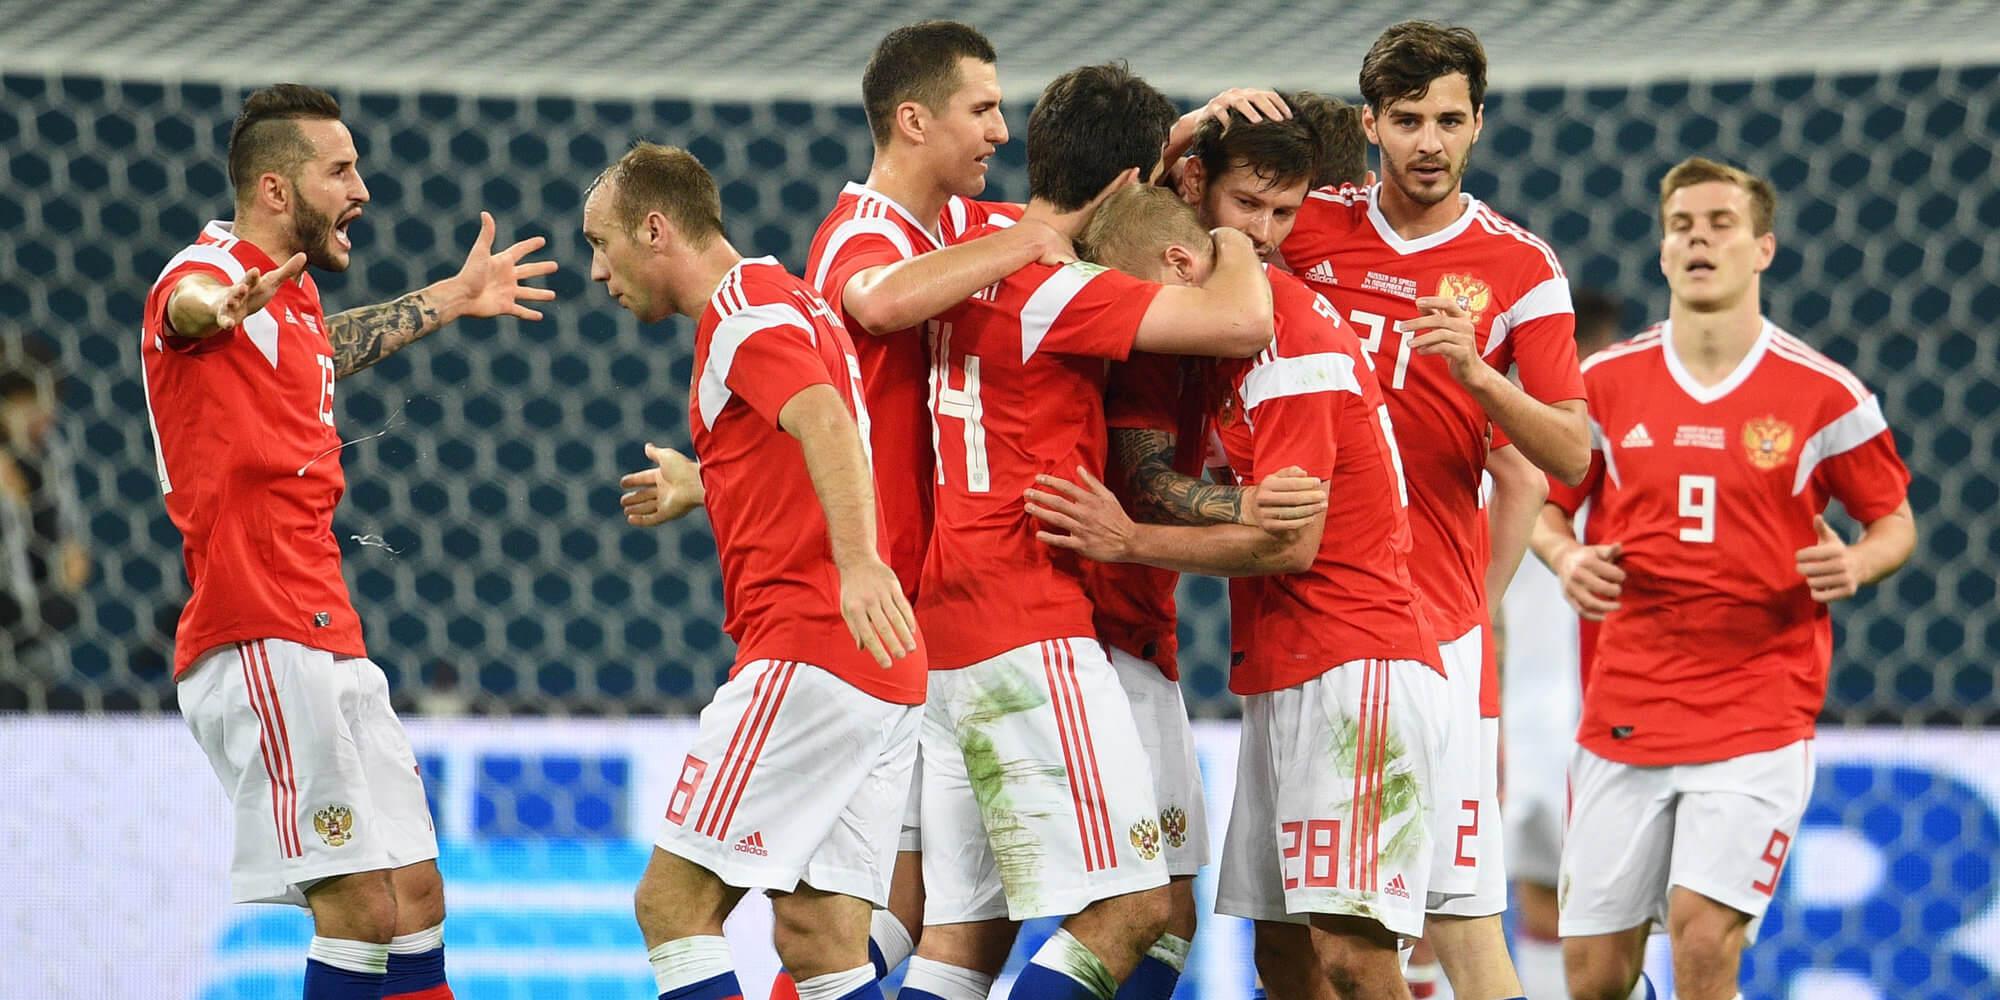 Сборная России На Чемпионатах Мира По Футболу Видео